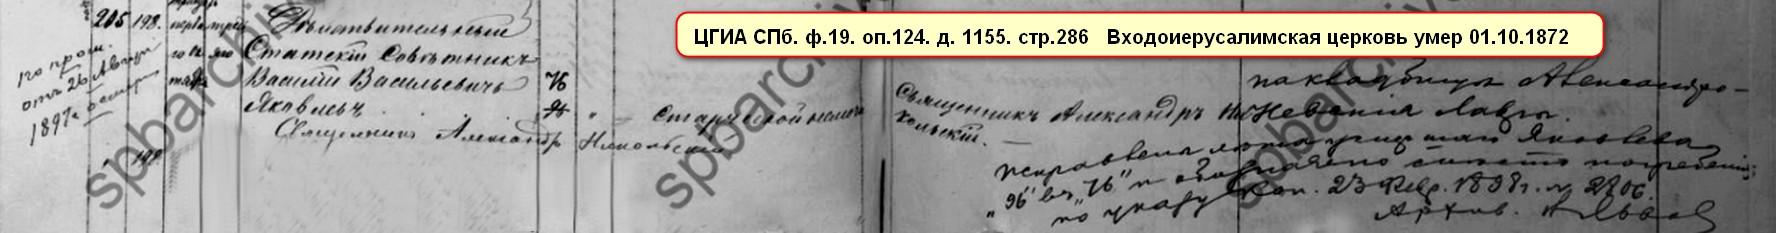 Метрика 1872 Вас.Вас Як. .jpg